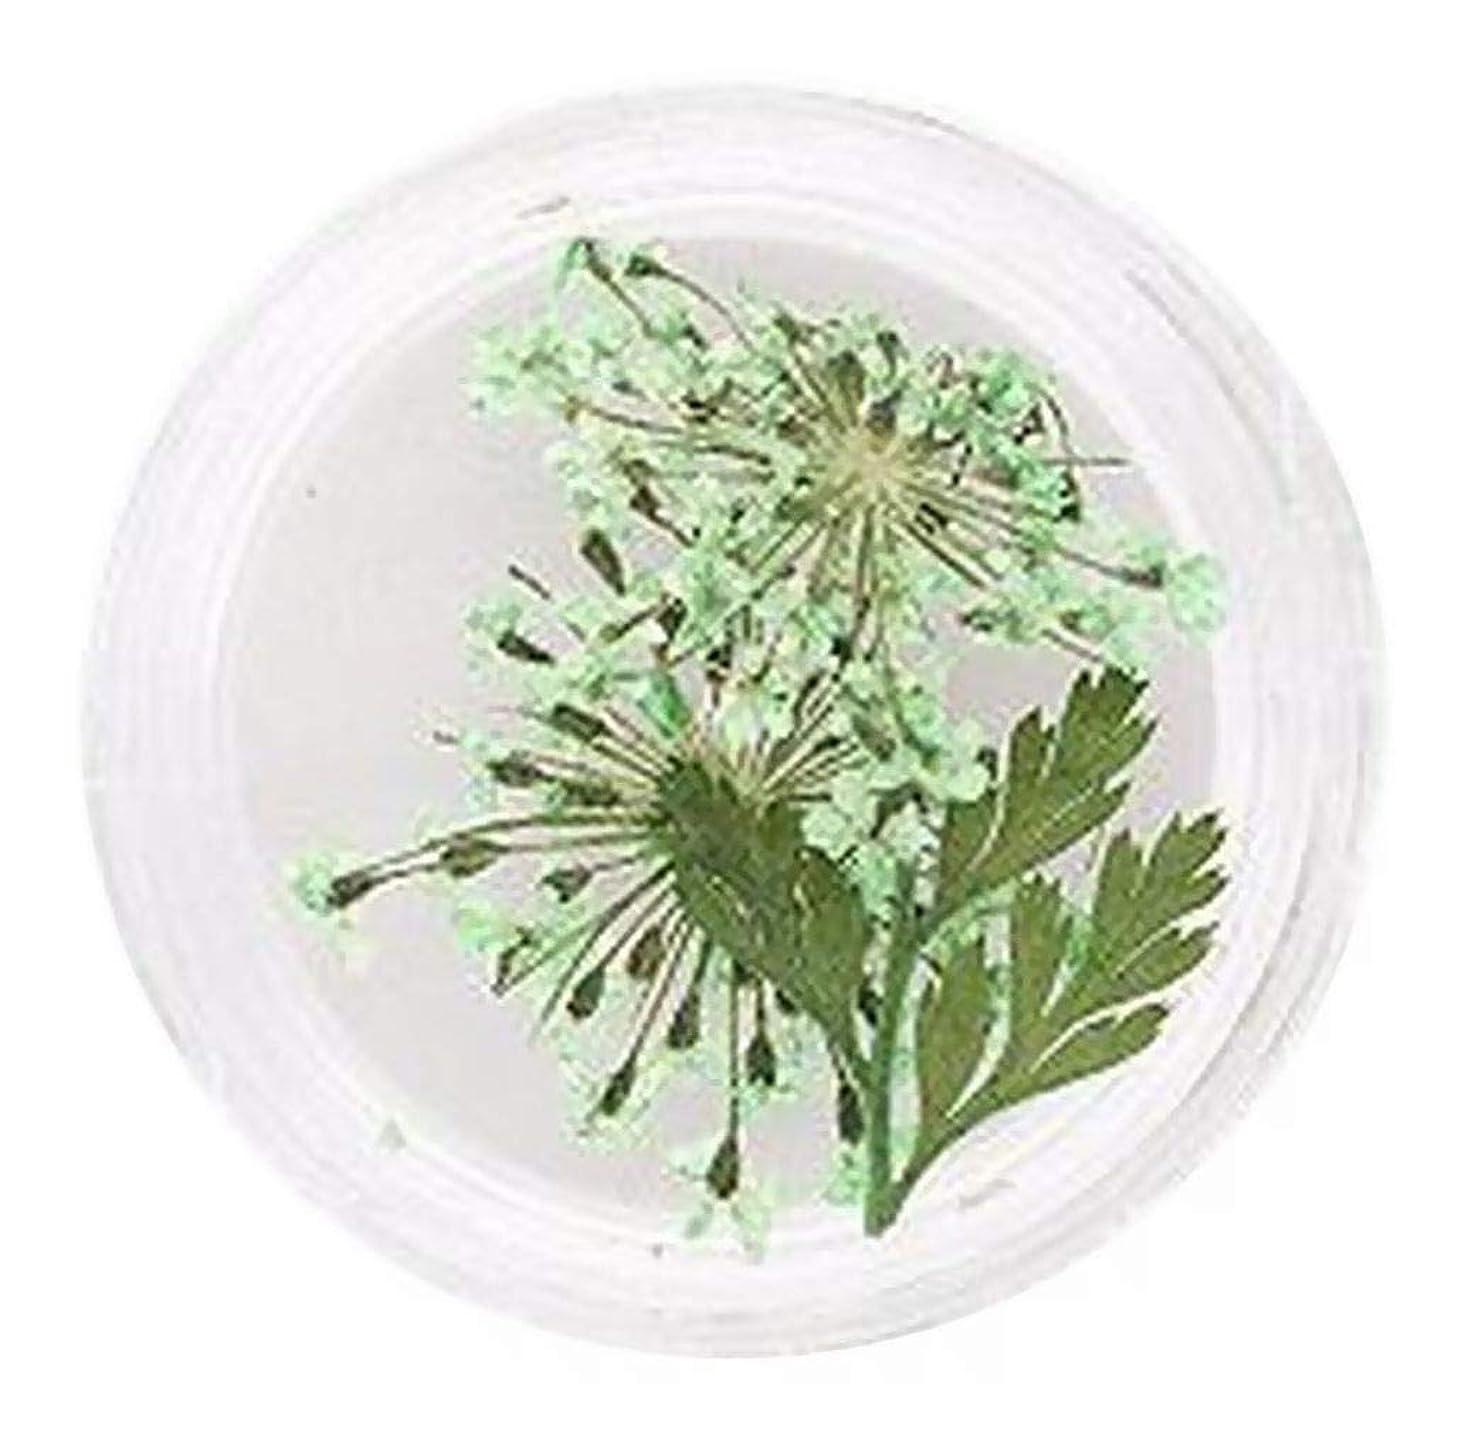 分泌する重さキロメートルPlus Nao(プラスナオ) ネイルアート ネイルパーツ 押し花 ドライフラワー フラワーパーツ お花 華やか デコレーション セルフネイル アート